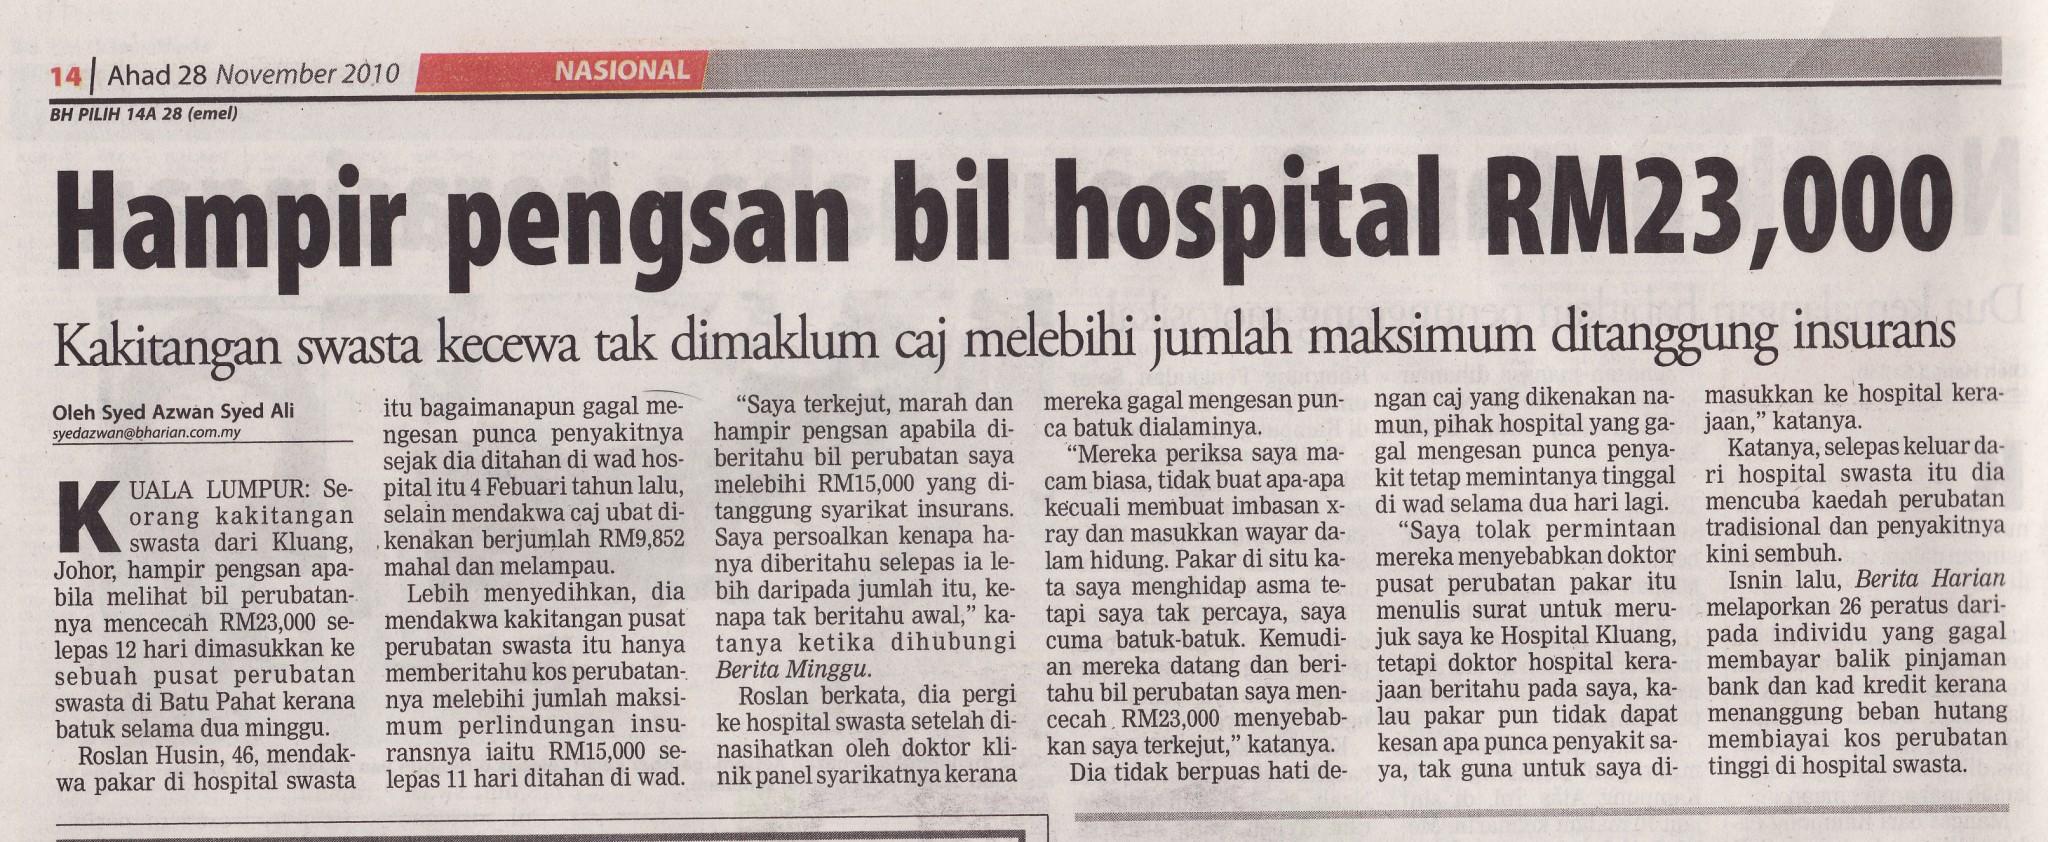 bill-hospital-rm23000